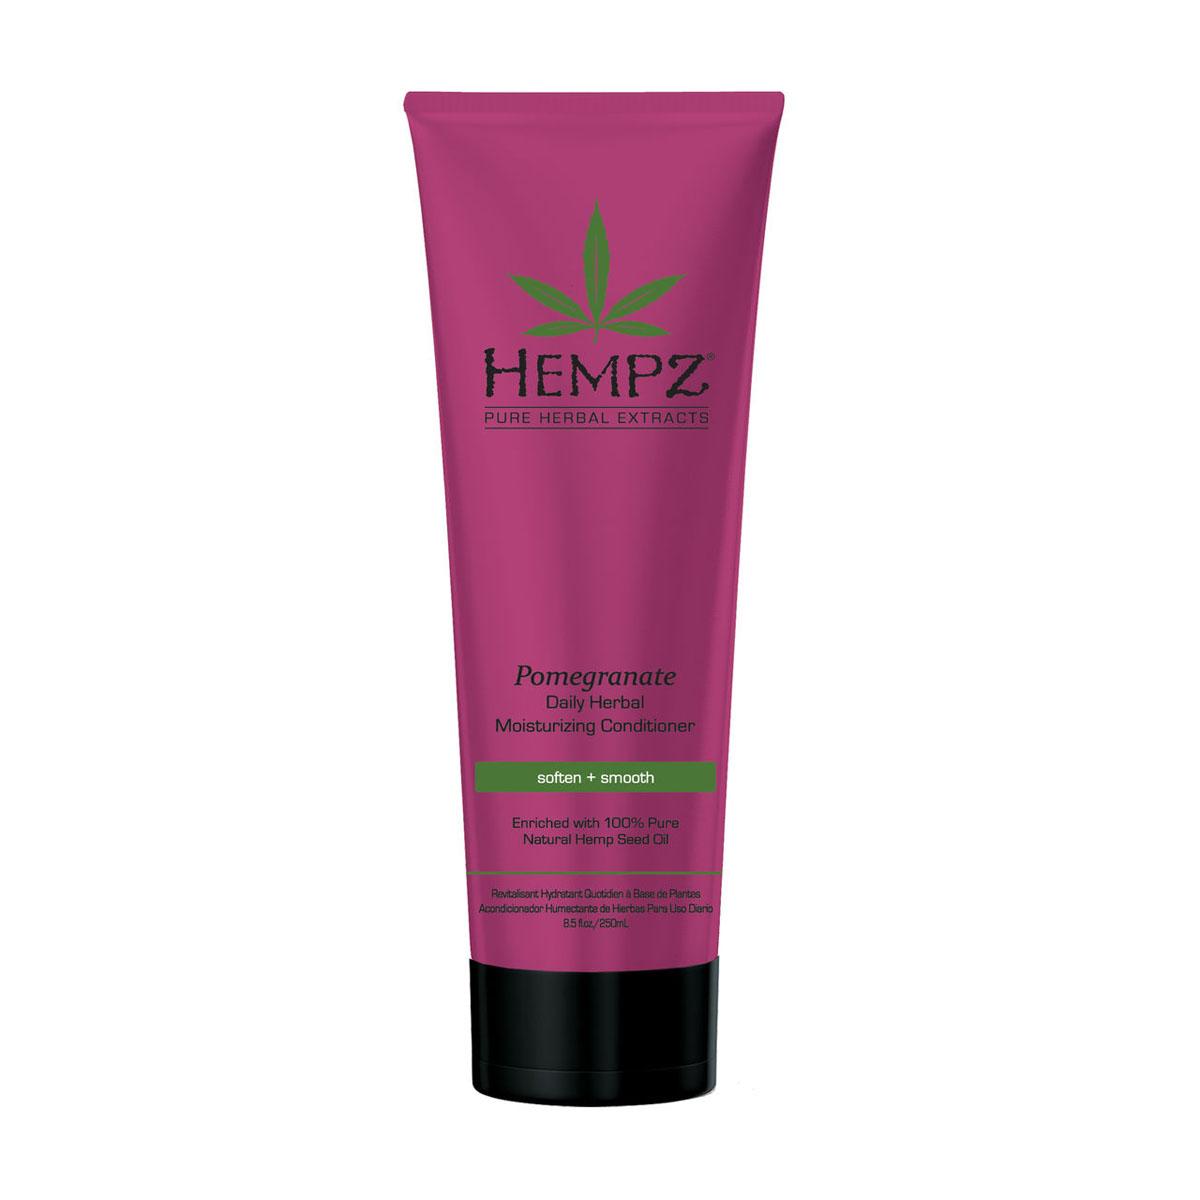 Hempz Кондиционер растительный увлажняющий и разглаживающий ганат Daily Herbal Moisturizing Pomegranate Conditioner 265 мл120-2435-03Делает волосы гладкими, сильными и послушными, не утяжеляя их. Масло и экстракт семян конопли наполняют волосы влагой, утерянной вследствие частого применения горячего фена или щипцов. Кунжутное и соевое масла глубоко питают и обеспечивают здоровый блеск волосам. Пантенол, кукурузное масло, протеины сои и пшеницы наполняют волосы жизненно важными питательными веществами. UV защита препятствует выгоранию цвета окрашенных и натуральных волос.